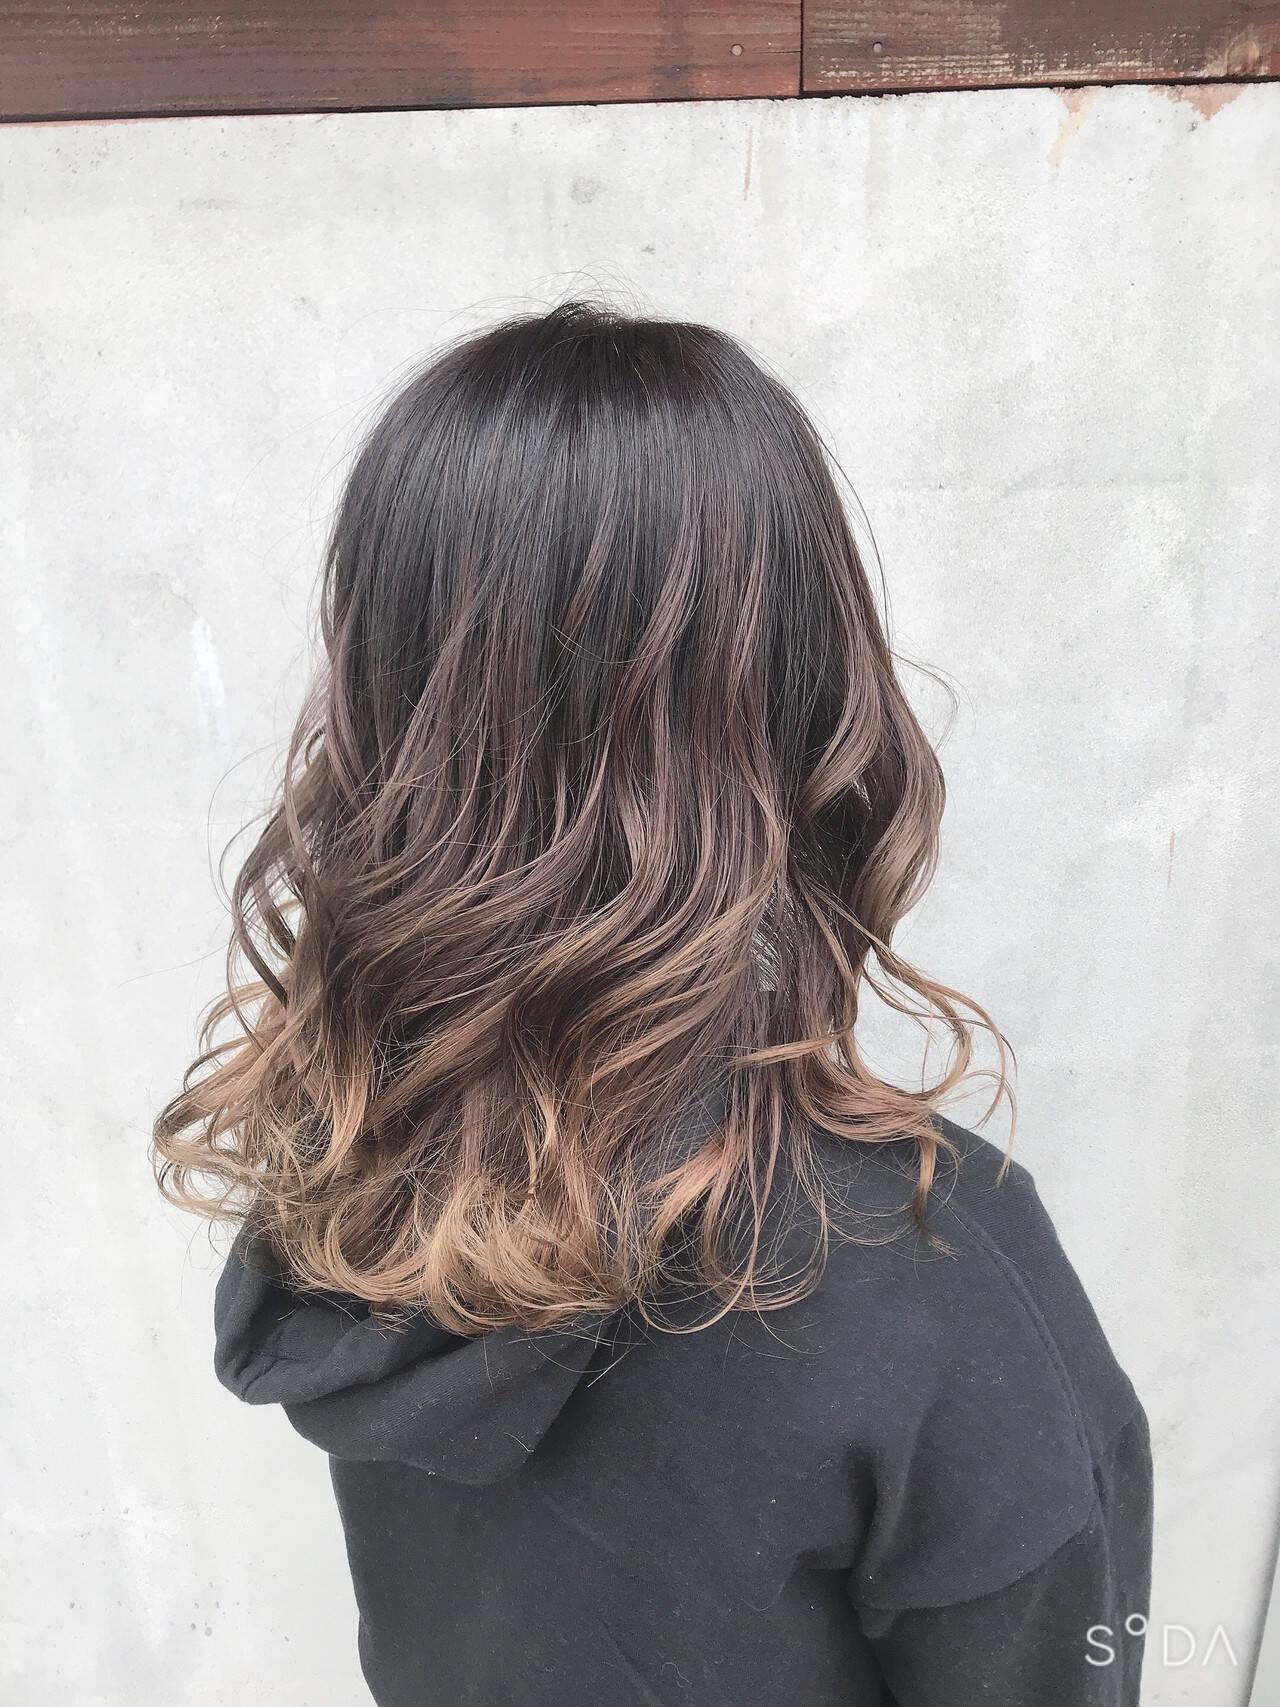 ナチュラルグラデーション アッシュグラデーション グラデーションカラー バレイヤージュヘアスタイルや髪型の写真・画像